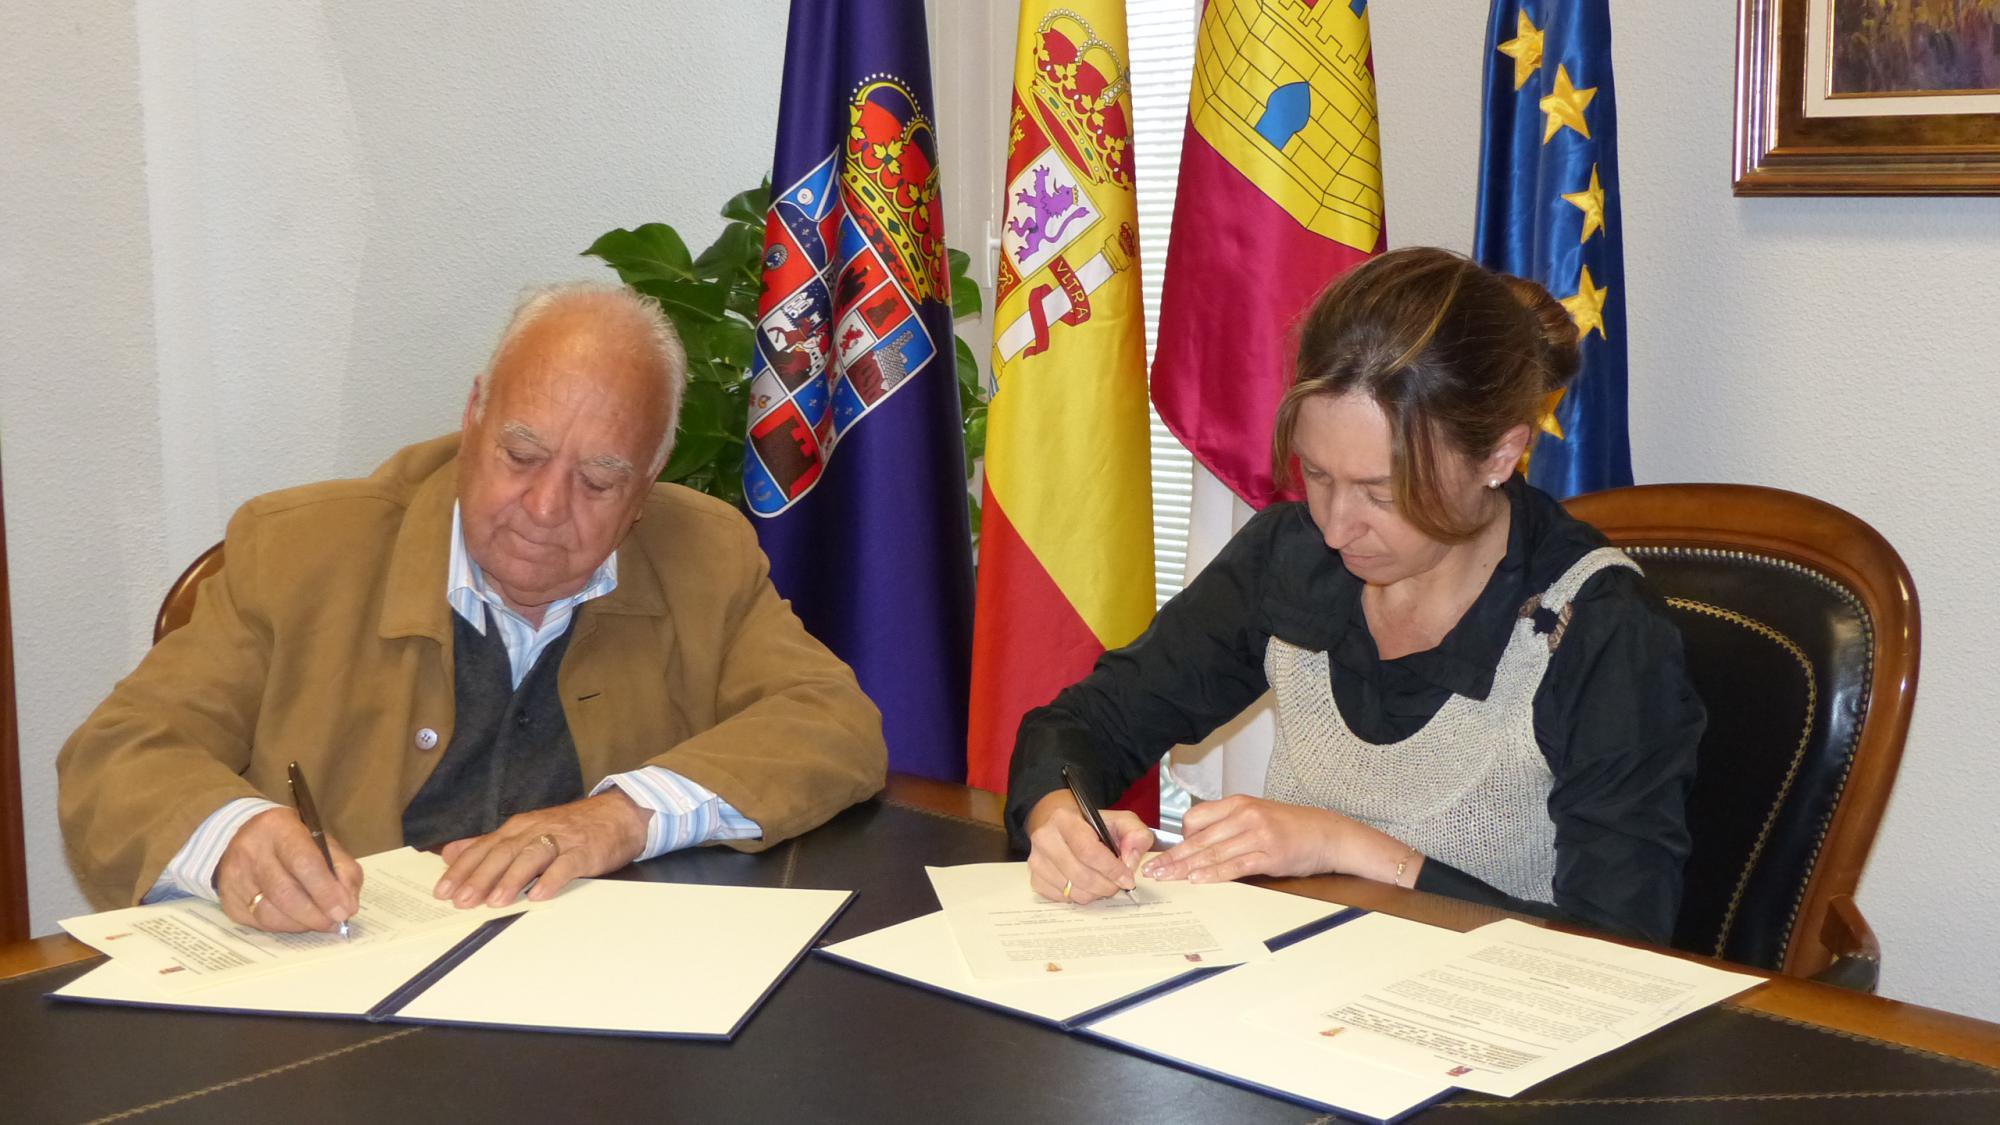 La Diputación reafirma su compromiso con Recópolis como reclamo turístico y motor de desarrollo de la zona